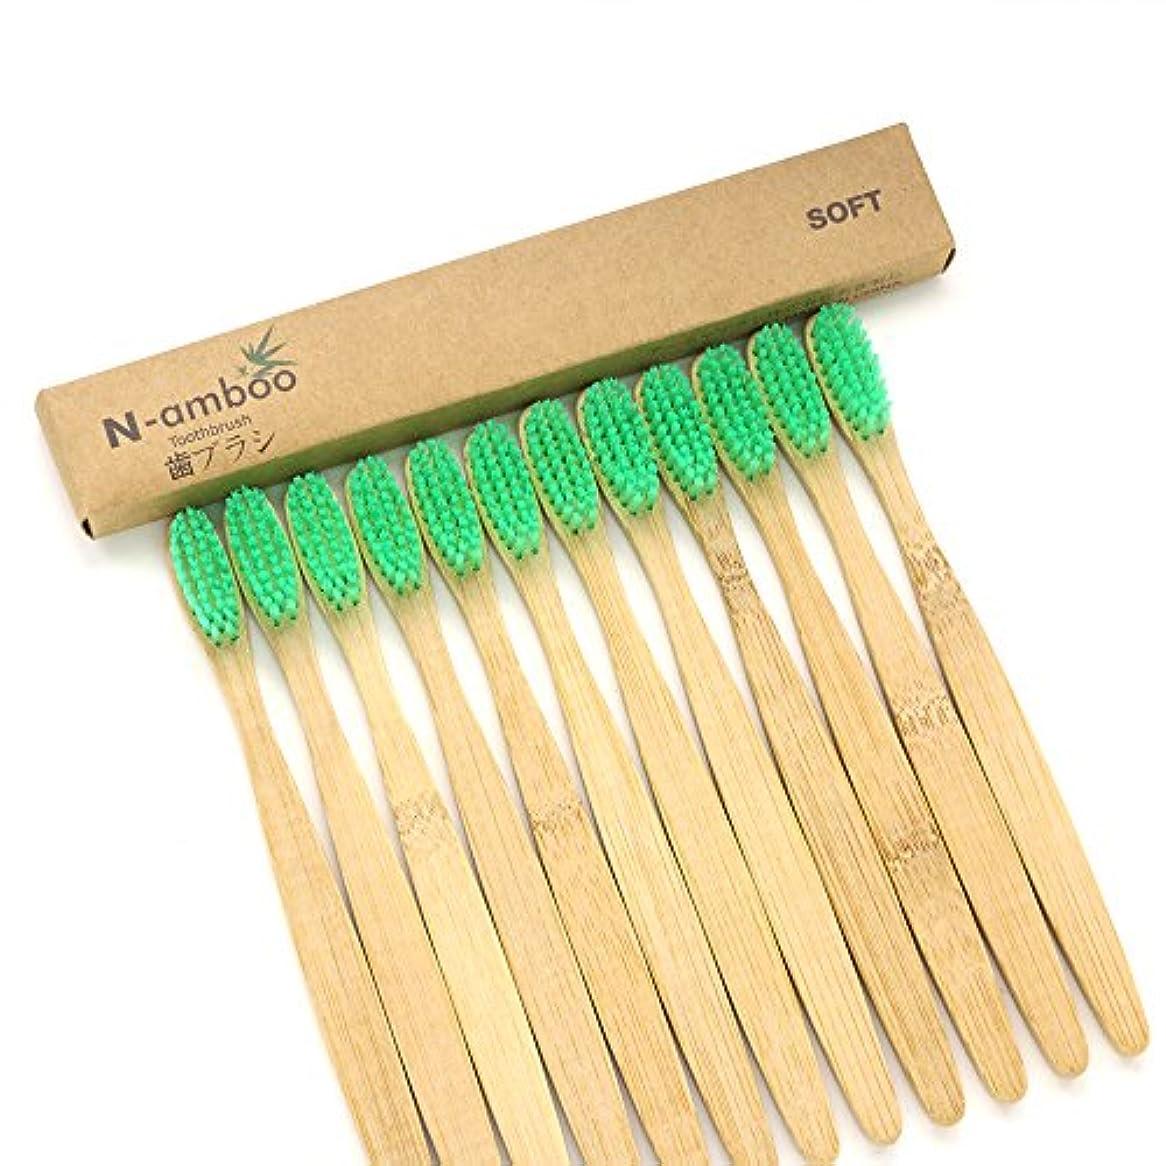 うんテクトニック誕生日N-amboo 竹製 歯ブラシ 高耐久性 セット エコ 軽量 12本入り 緑 セット